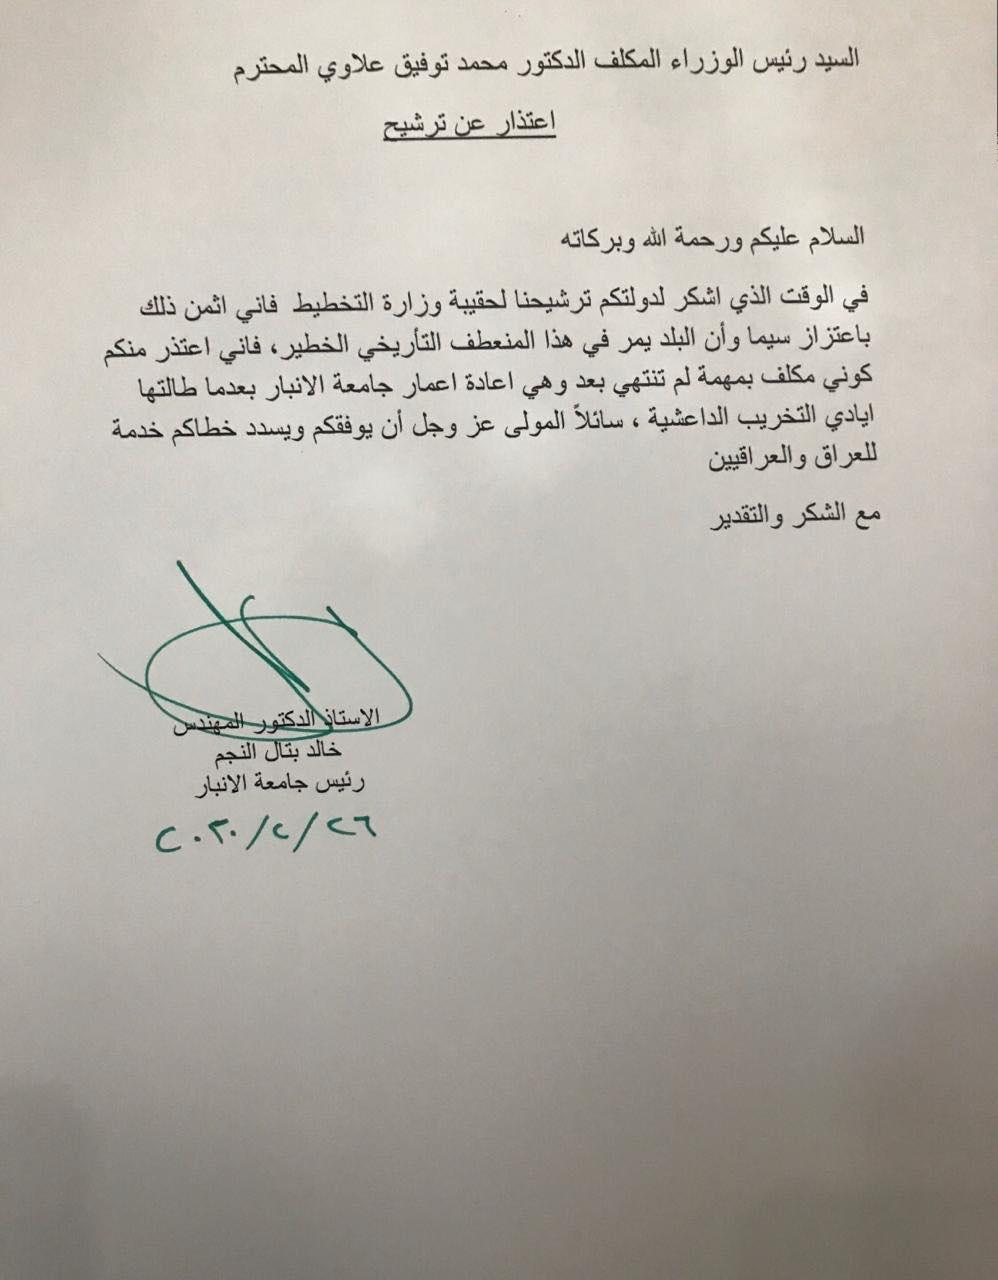 أول مرشح في كابينة علاوي يعتذر: لديّ عمل آخر!